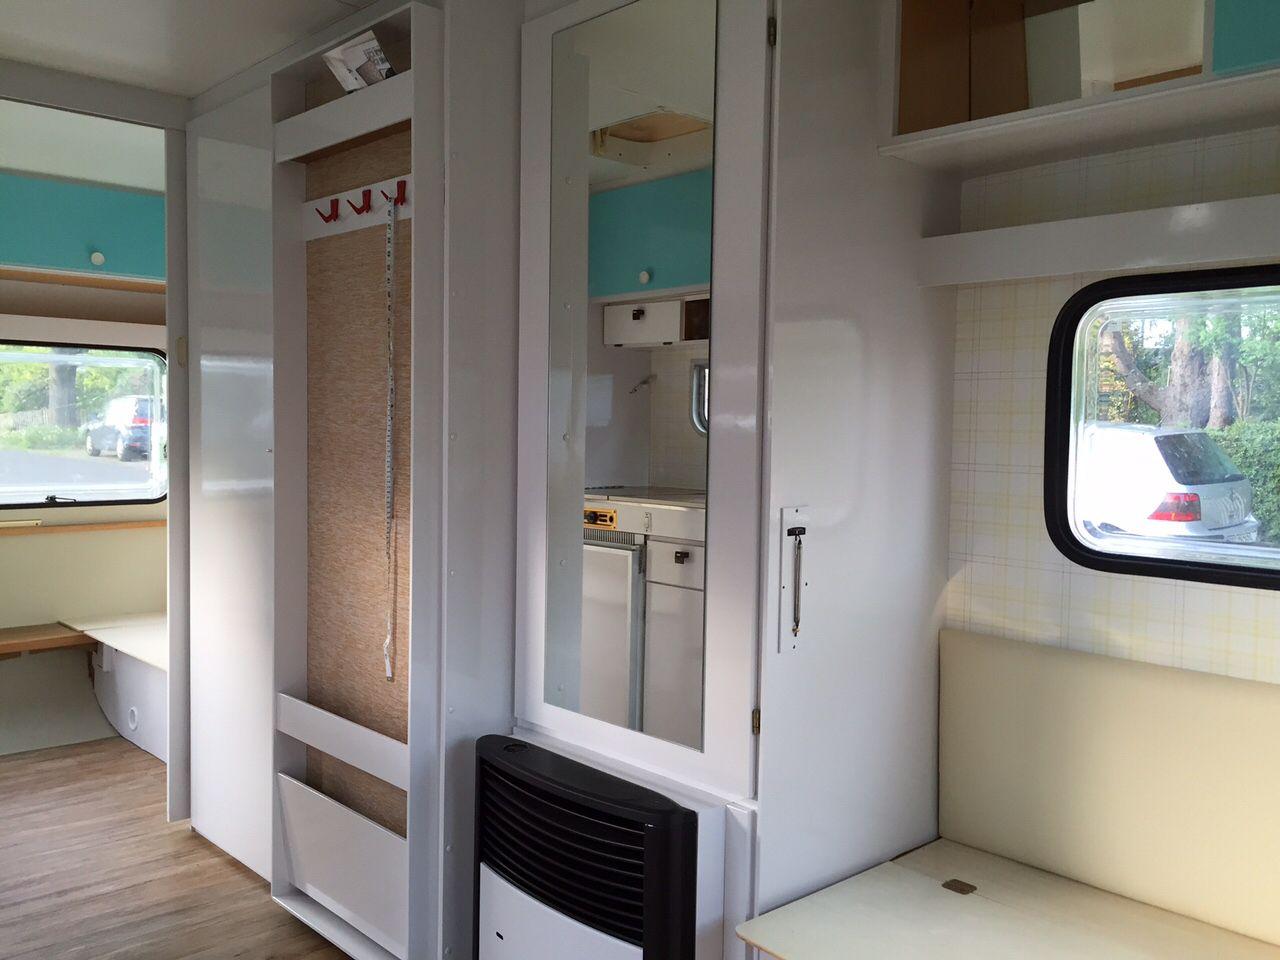 wilma wohnwagen die headboards wurden neu bepolstert schr nke t ren und heizung foliert die. Black Bedroom Furniture Sets. Home Design Ideas